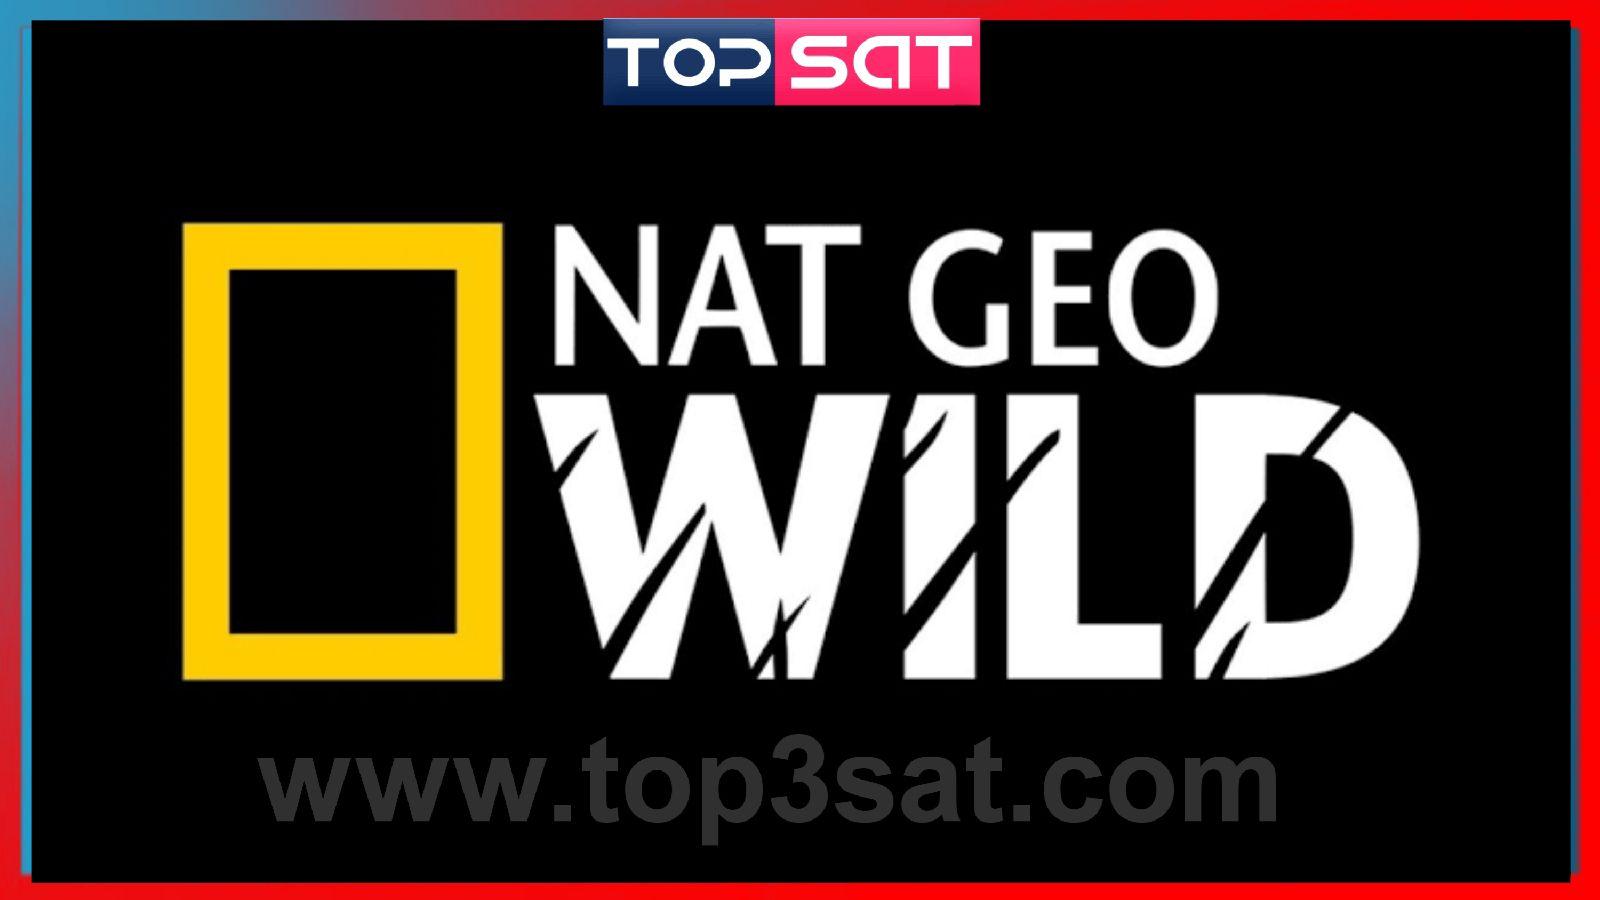 تردد قناة ناشيونال جيوغرافيك وايلد Ad Nat Geo Wild Hd الجديدة علي نايل سات 2020 Ad Nat Geo Geo Ads